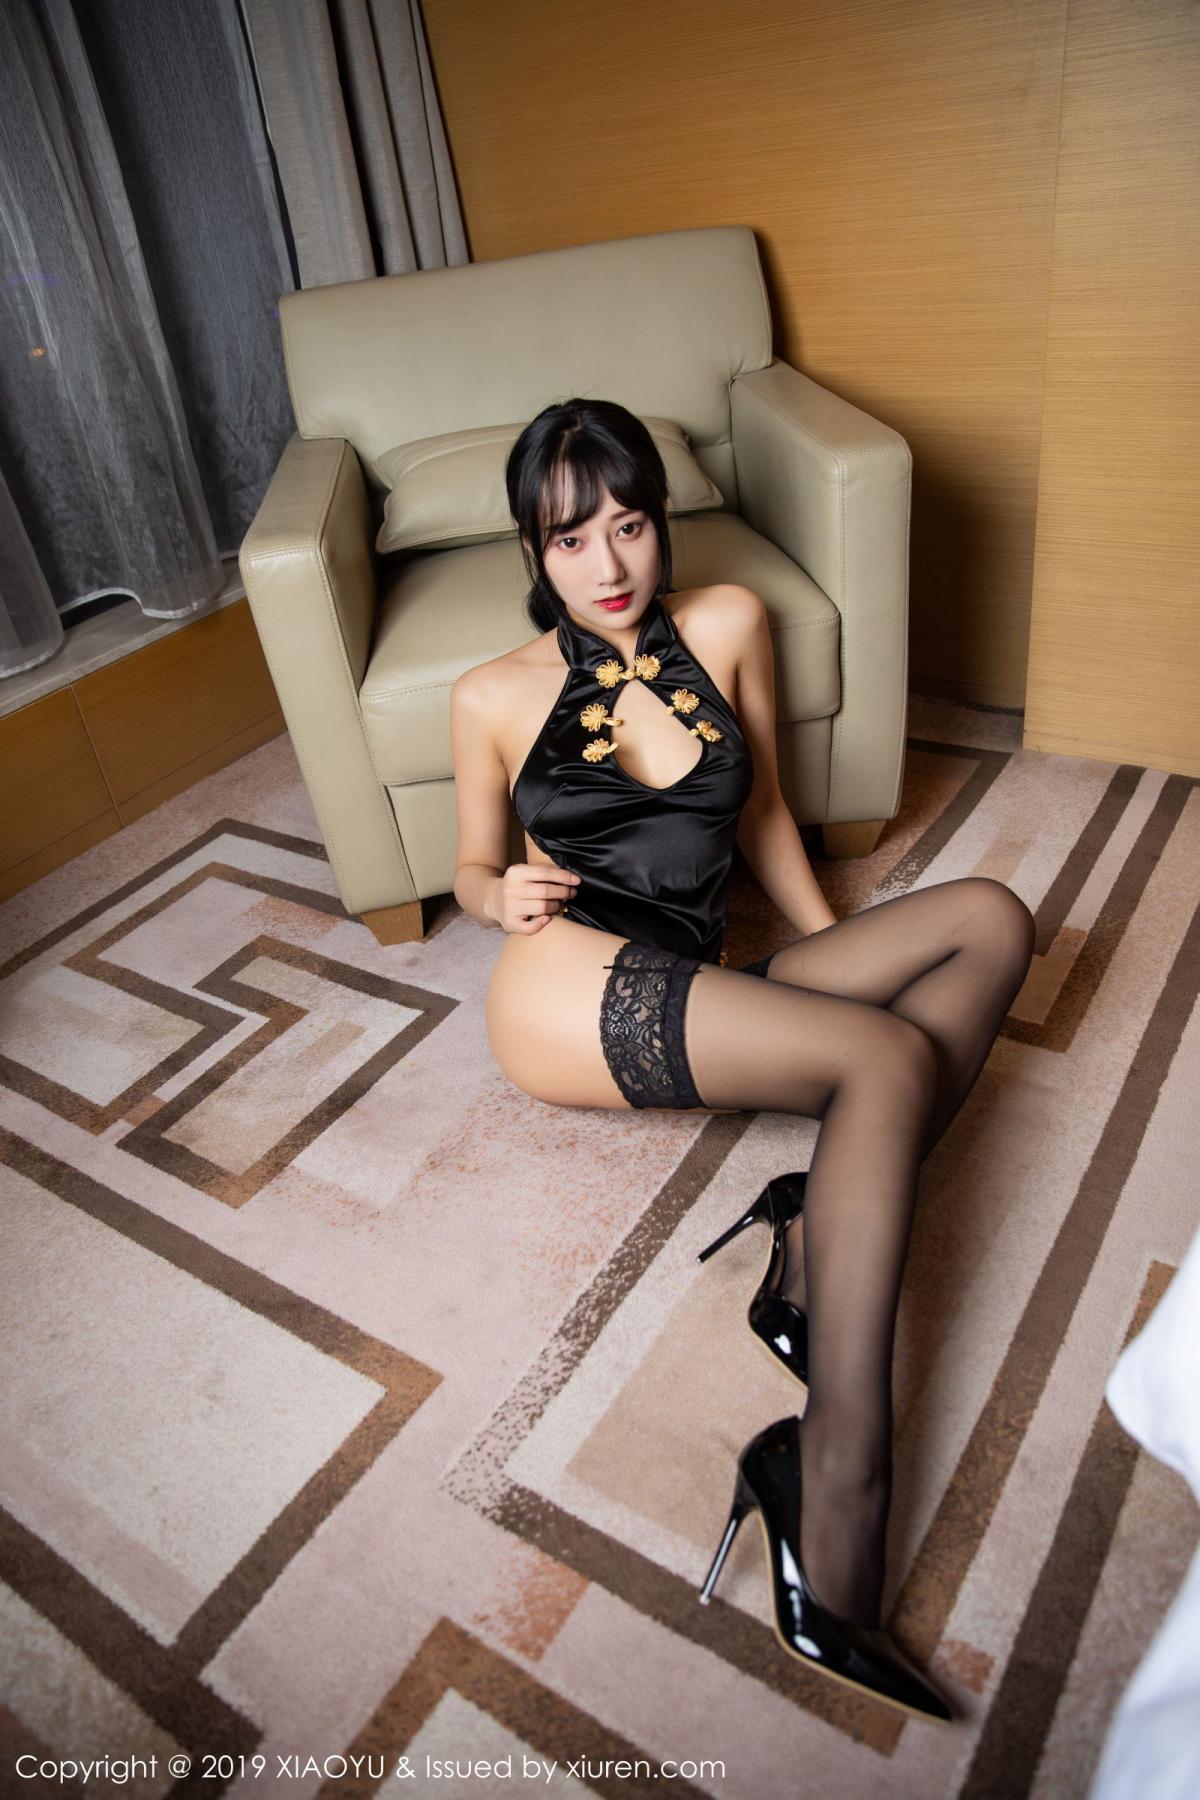 [XiaoYu] Vol.170 He Jia Ying 24P, He Jia Ying, Tall, XiaoYu